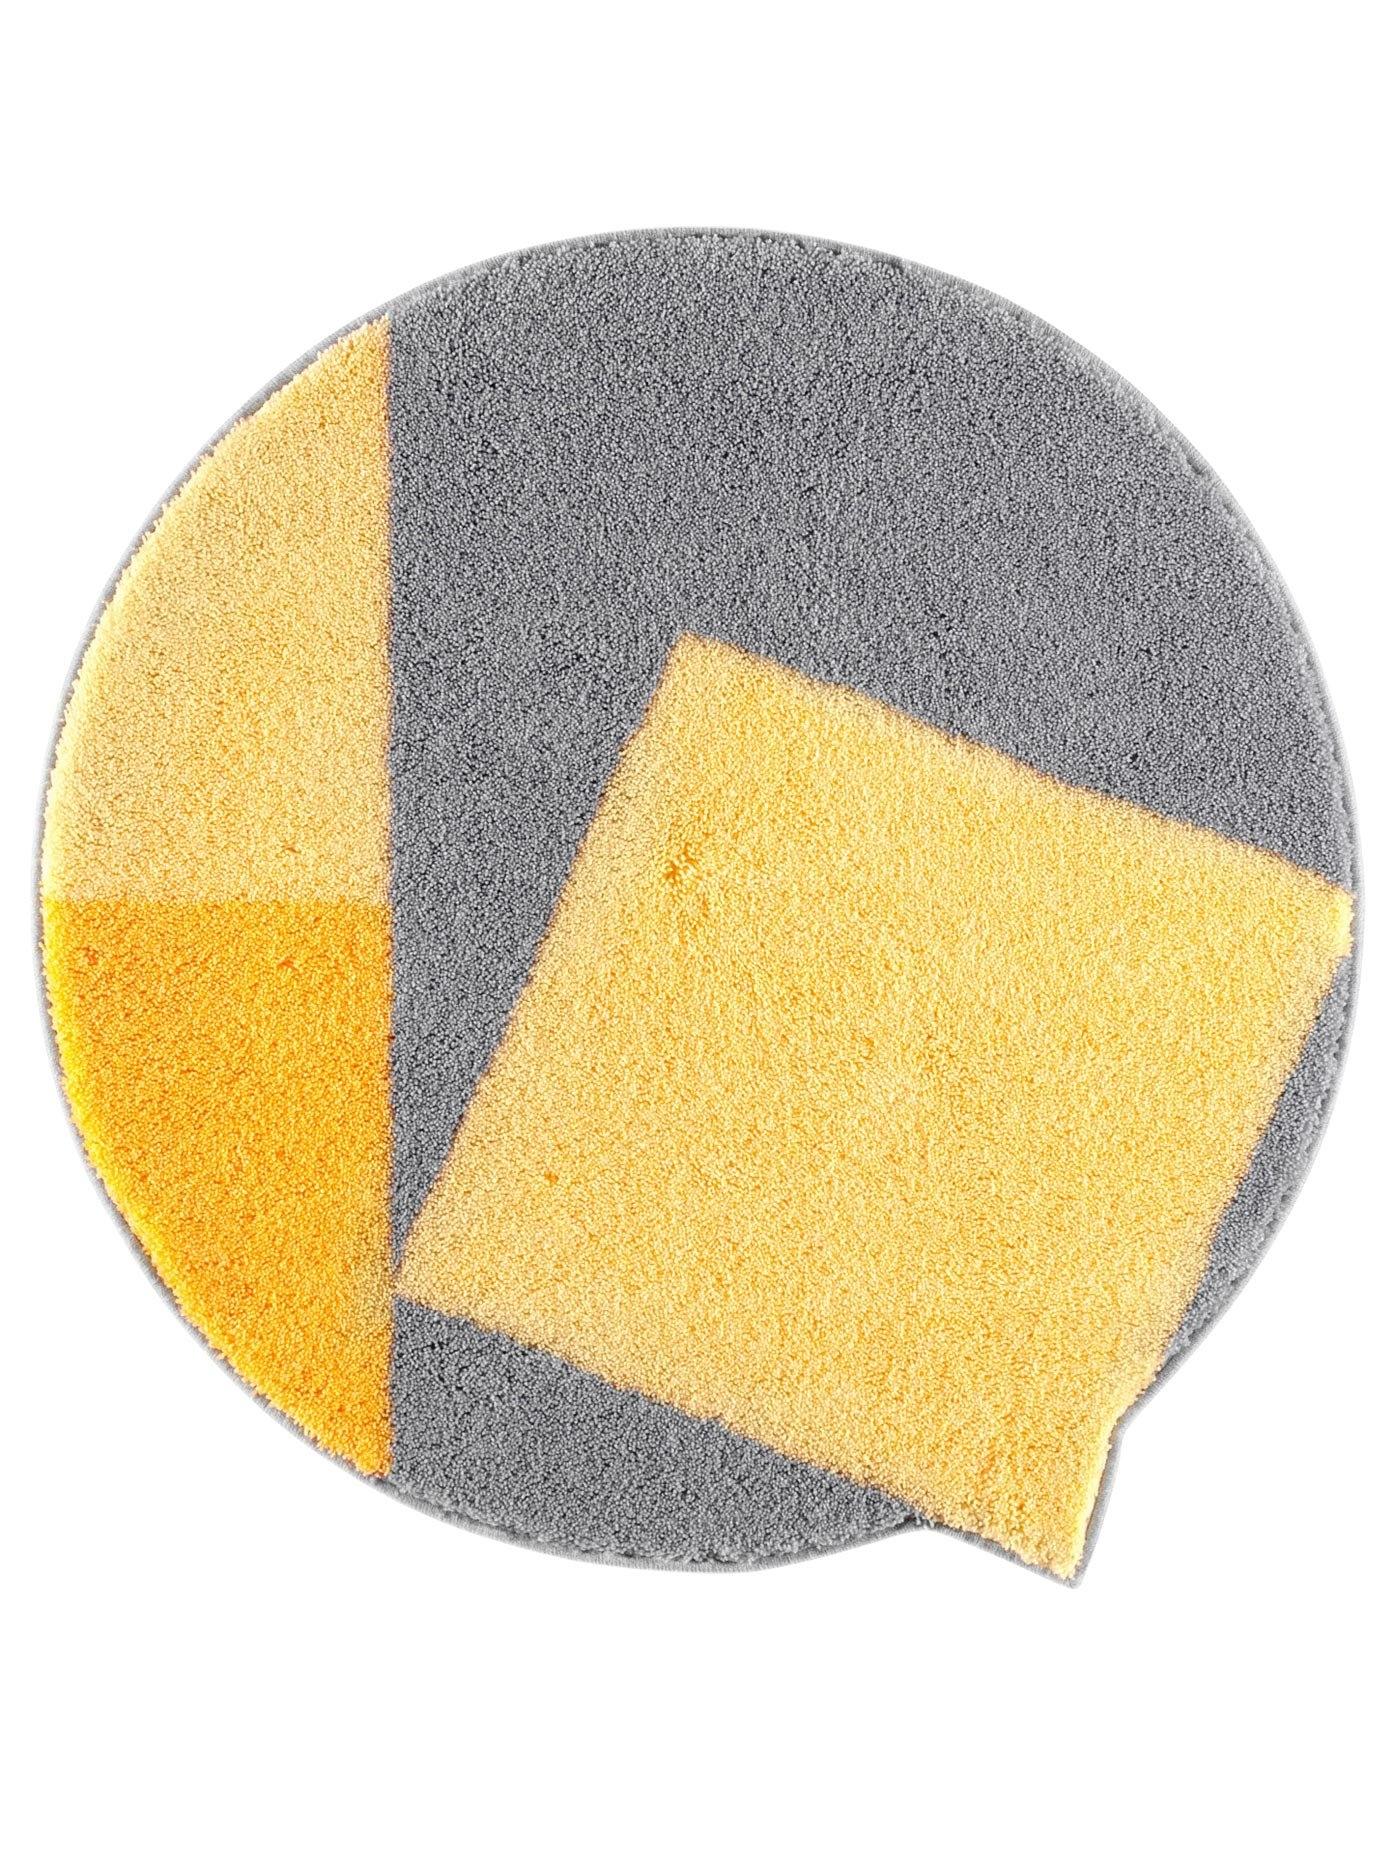 Grund badmat (1 stuk) - verschillende betaalmethodes